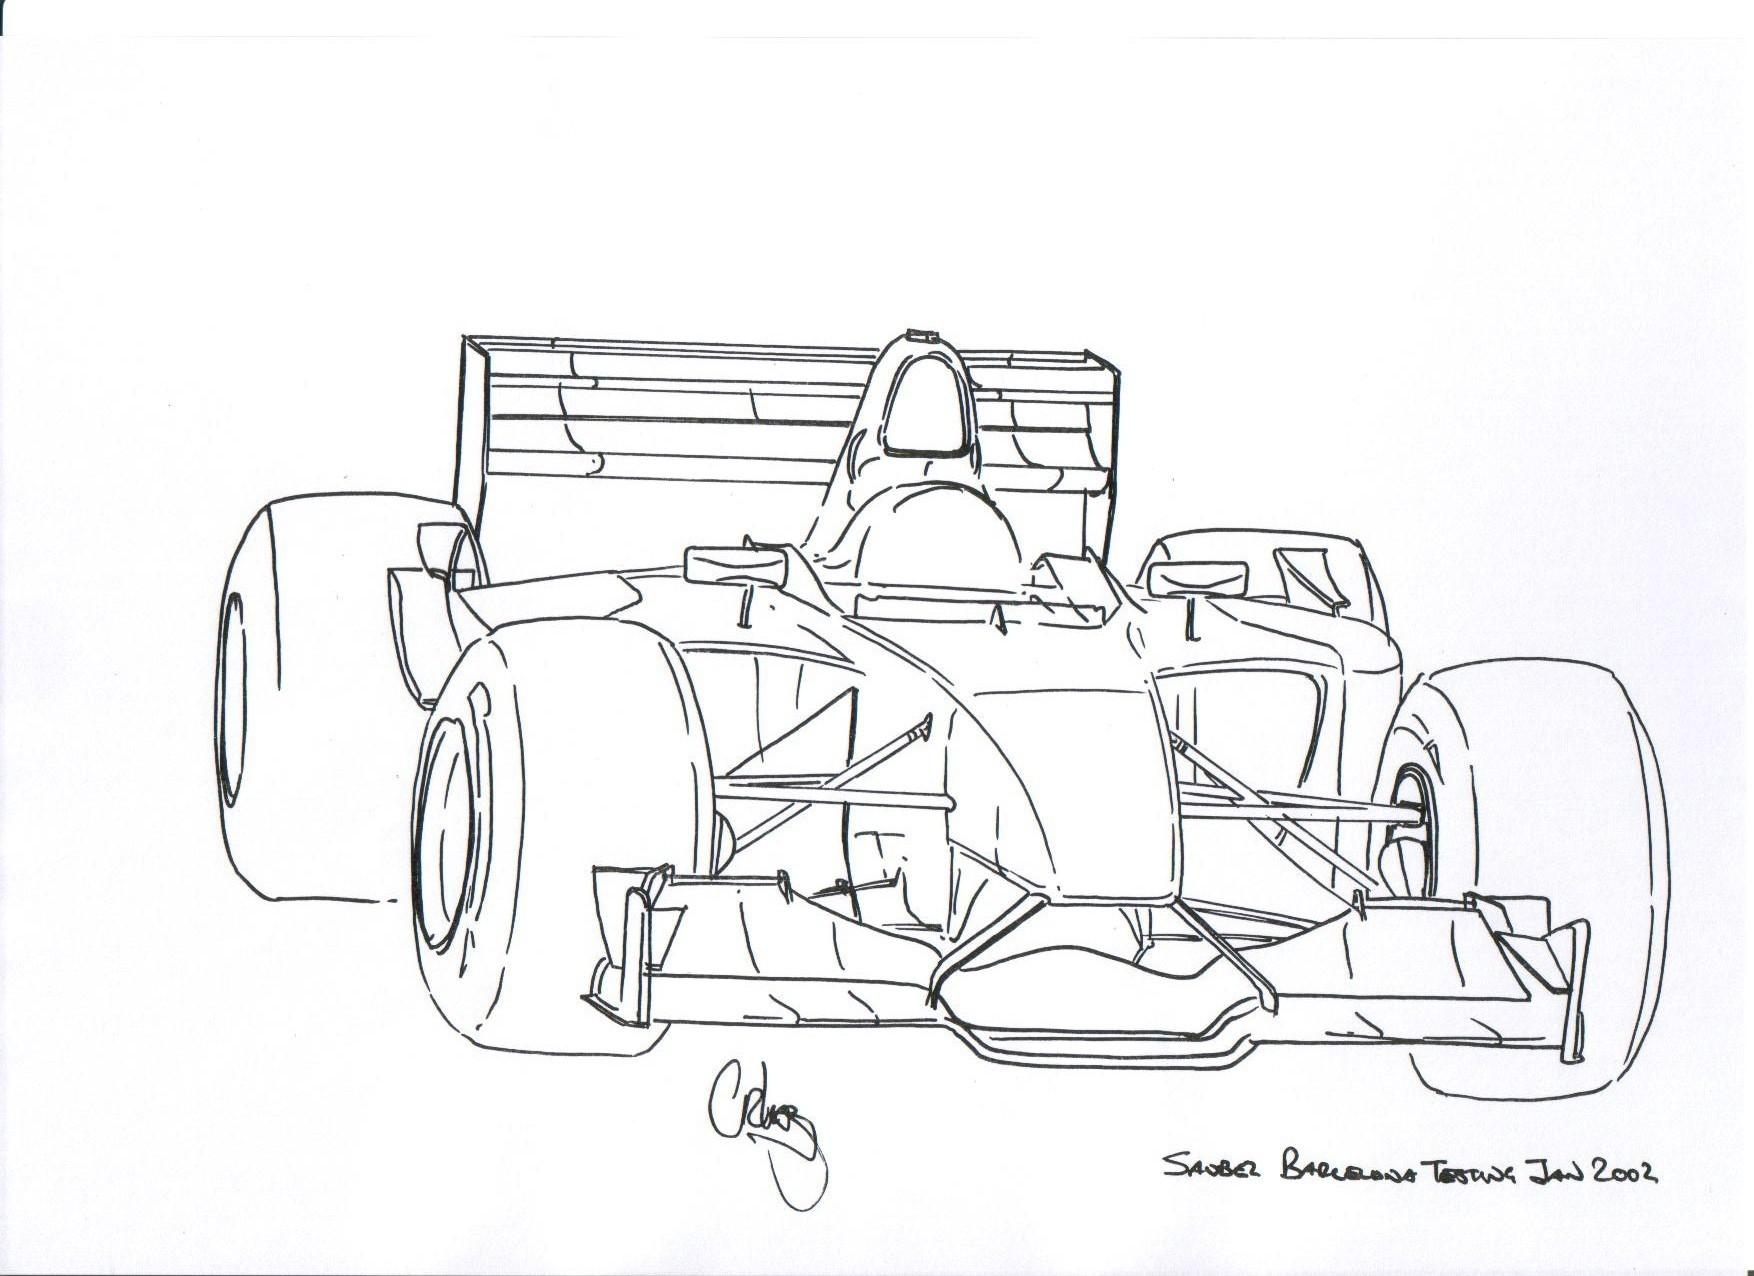 F1 Car Sketch Sketch Coloring Page